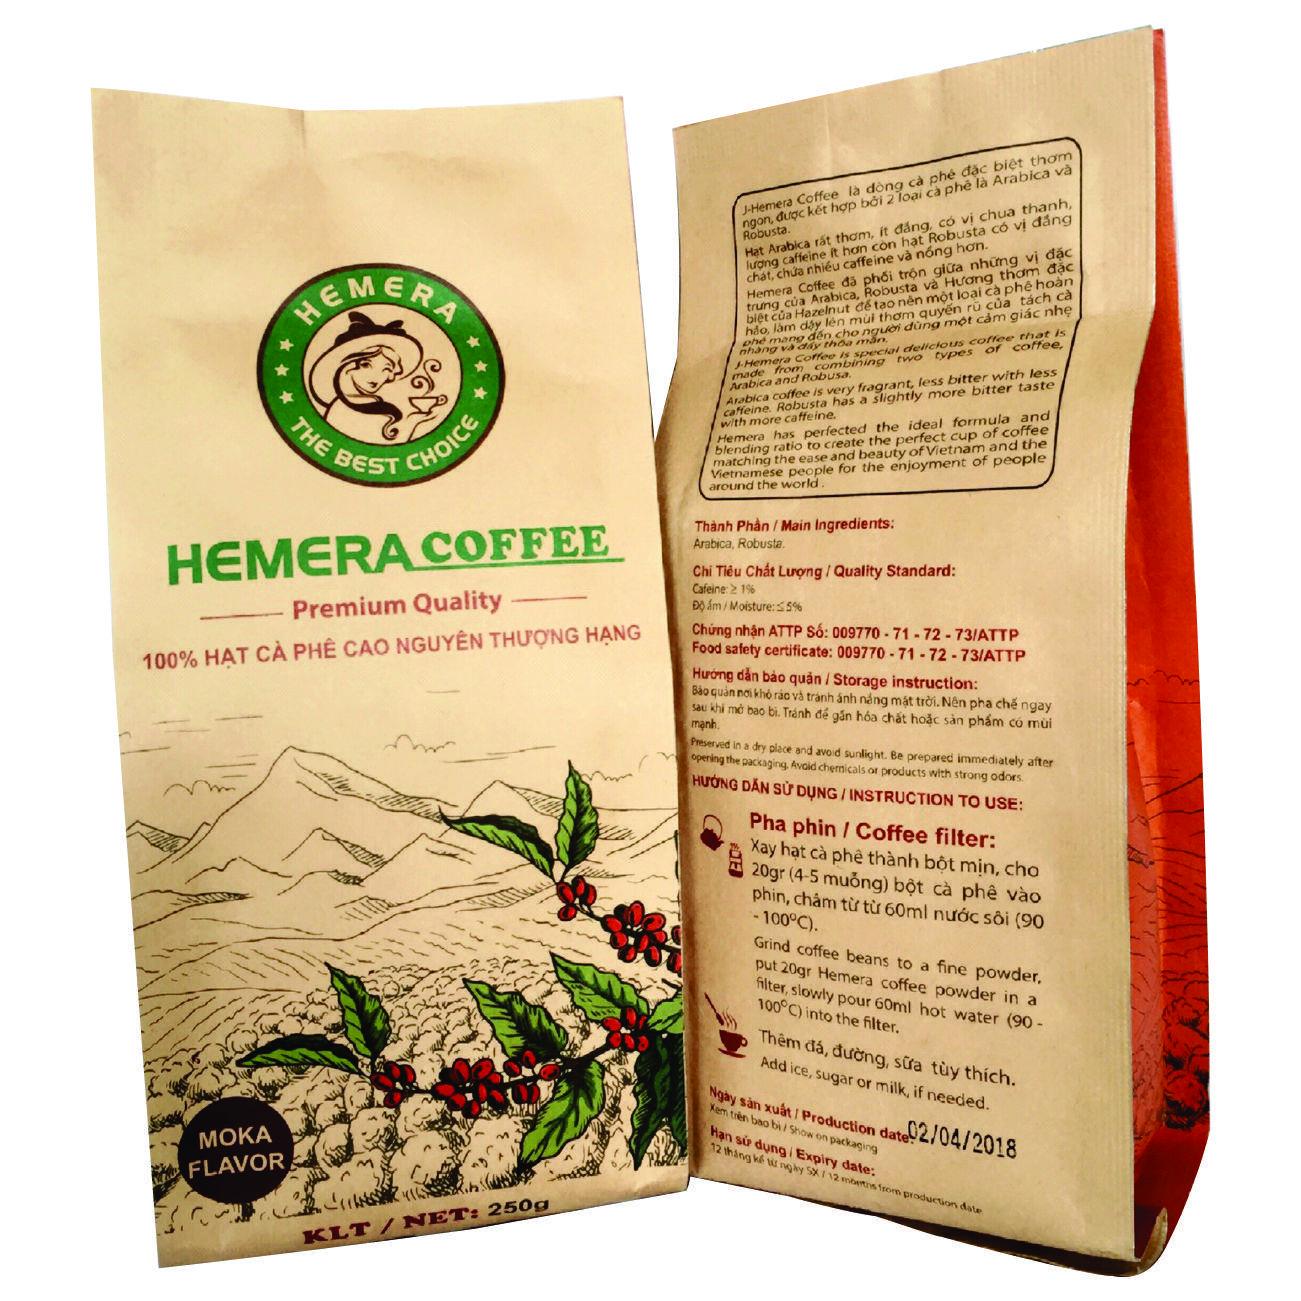 Cà phê rang xay nguyên chất 100% J- Hemera  (Moka Flavor) - 940041 , 4691254181803 , 62_2053883 , 80000 , Ca-phe-rang-xay-nguyen-chat-100Phan-Tram-J-Hemera-Moka-Flavor-62_2053883 , tiki.vn , Cà phê rang xay nguyên chất 100% J- Hemera  (Moka Flavor)